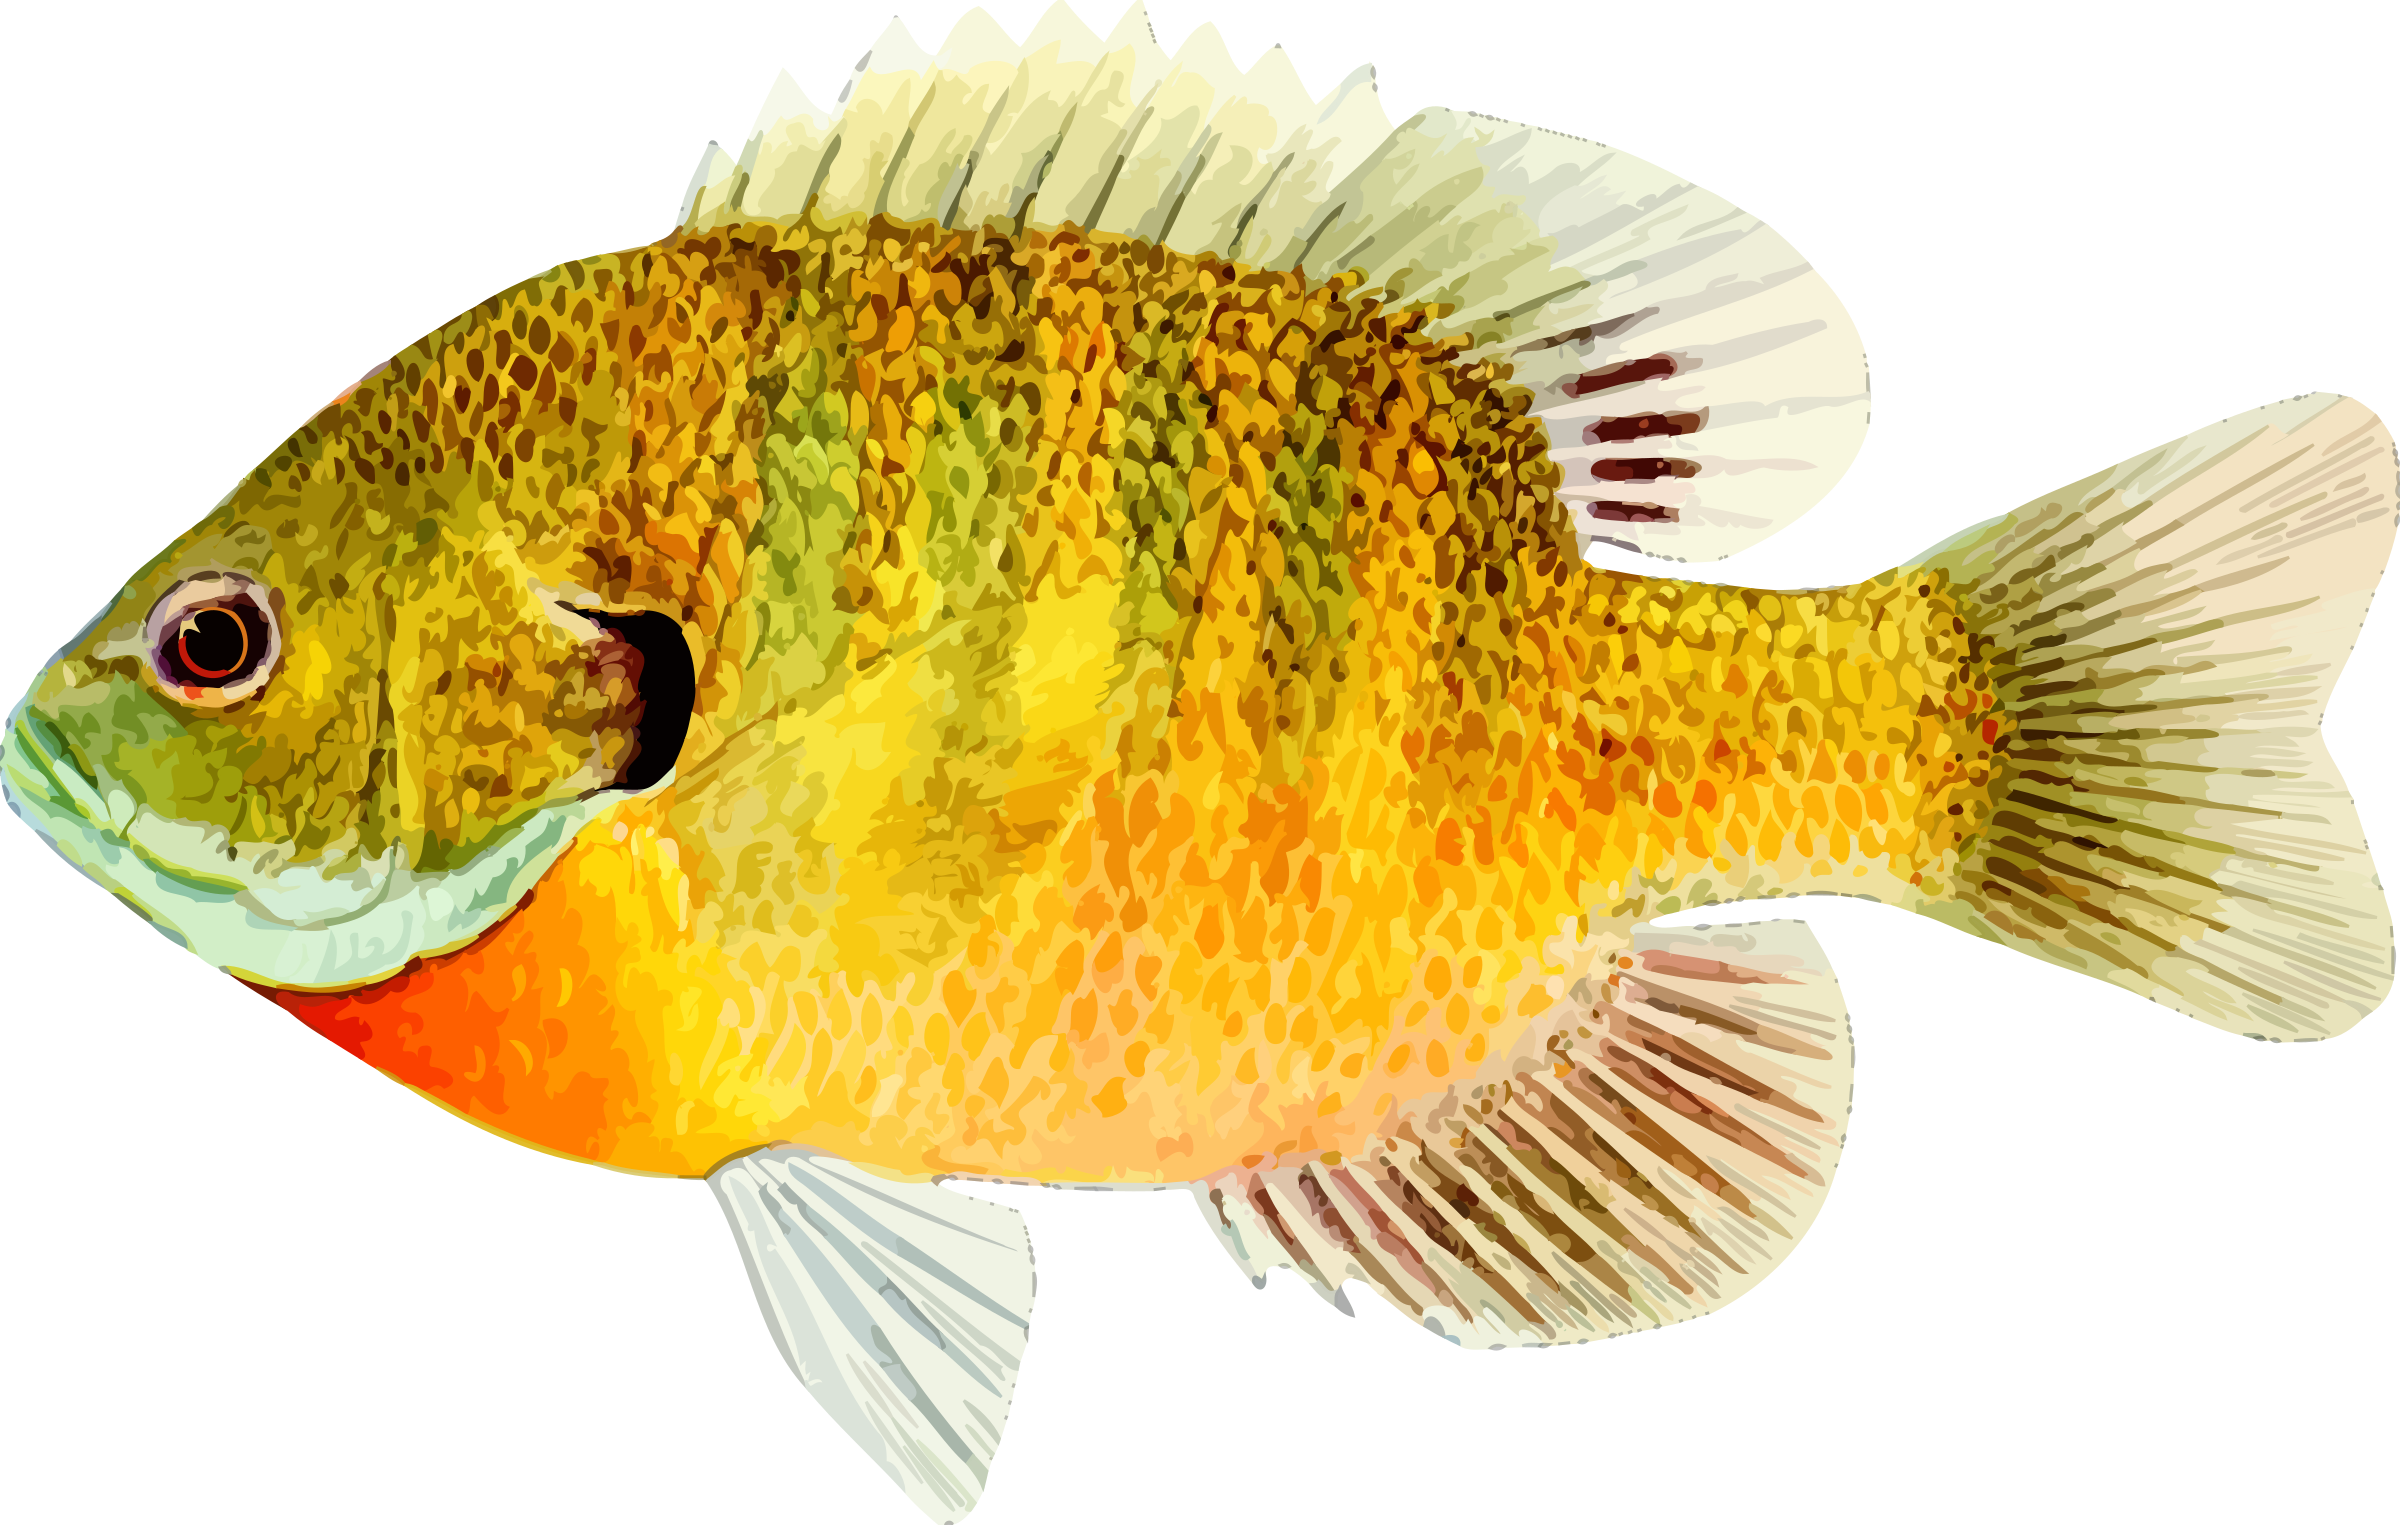 Fish 8 - Fish HD PNG